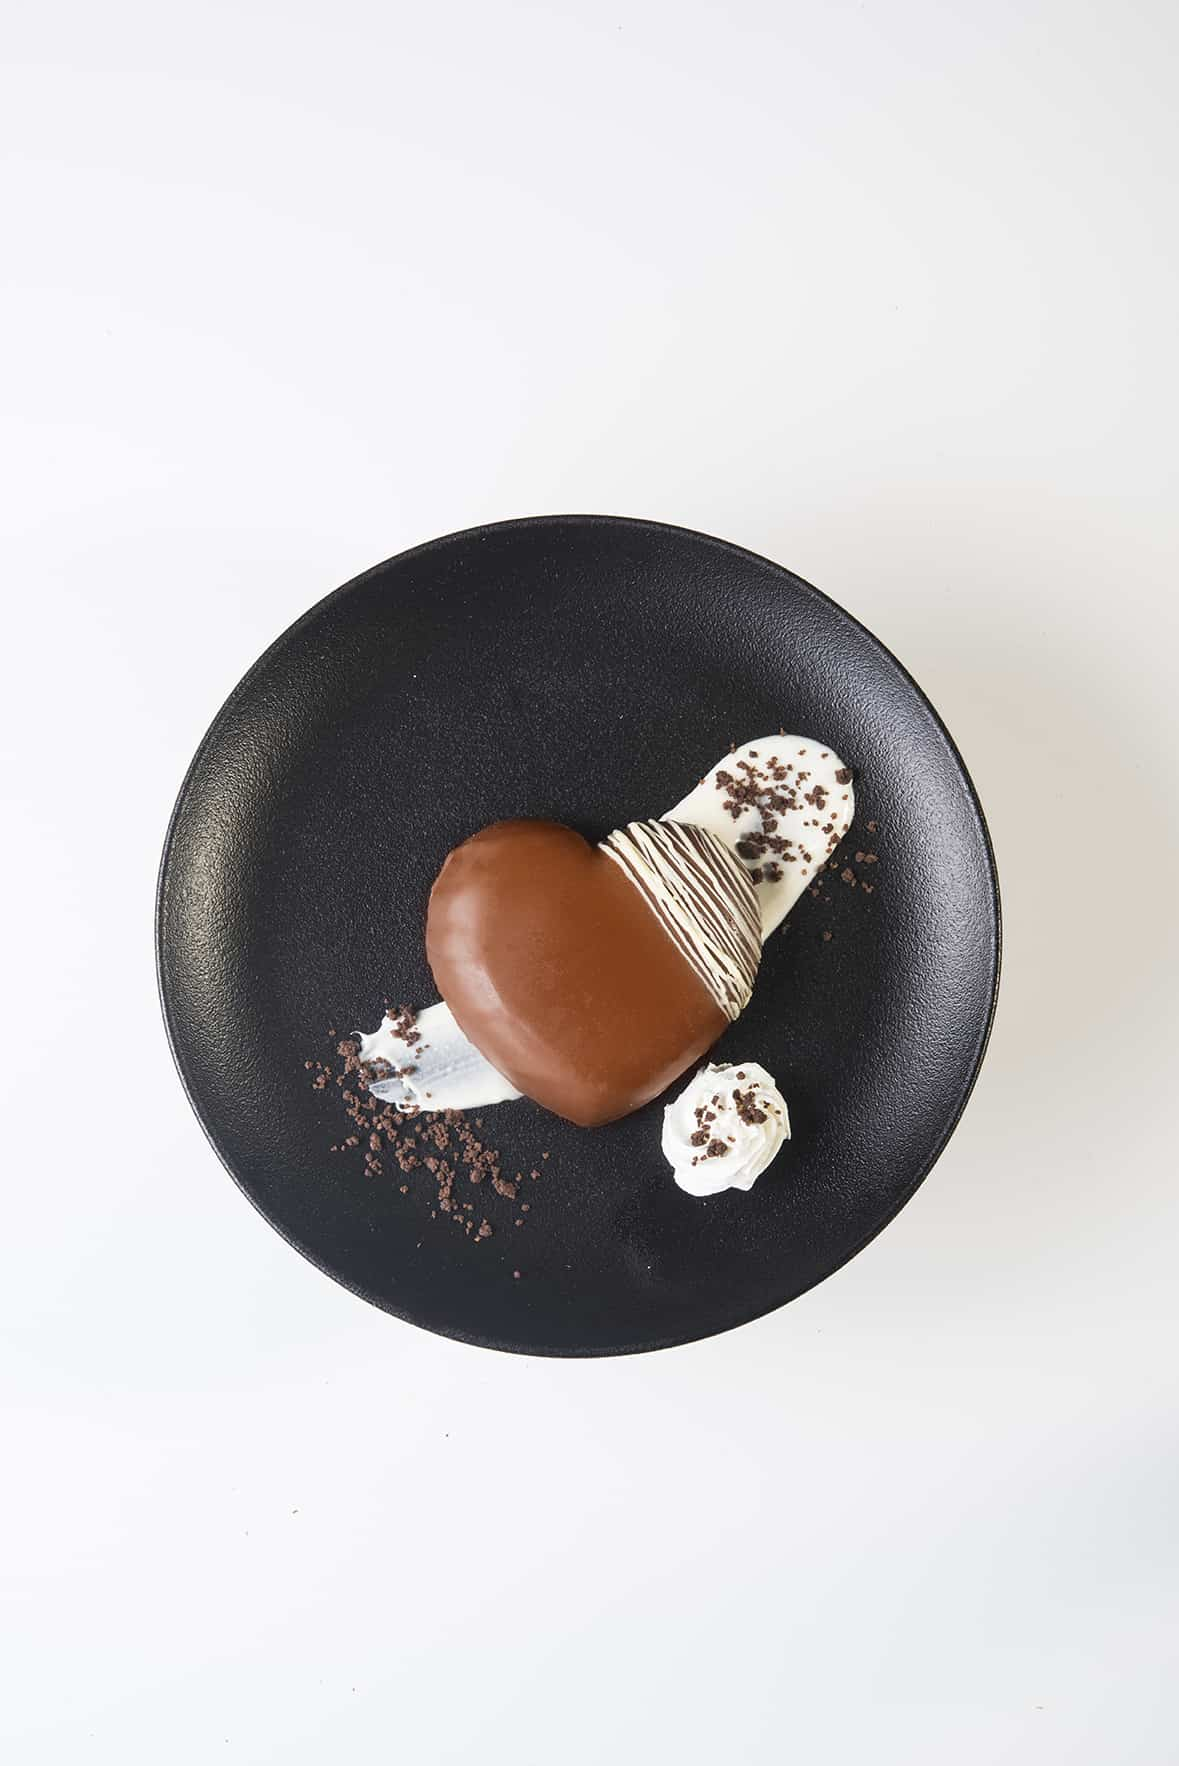 לב של שוקולד, צילום: בן יוסטר